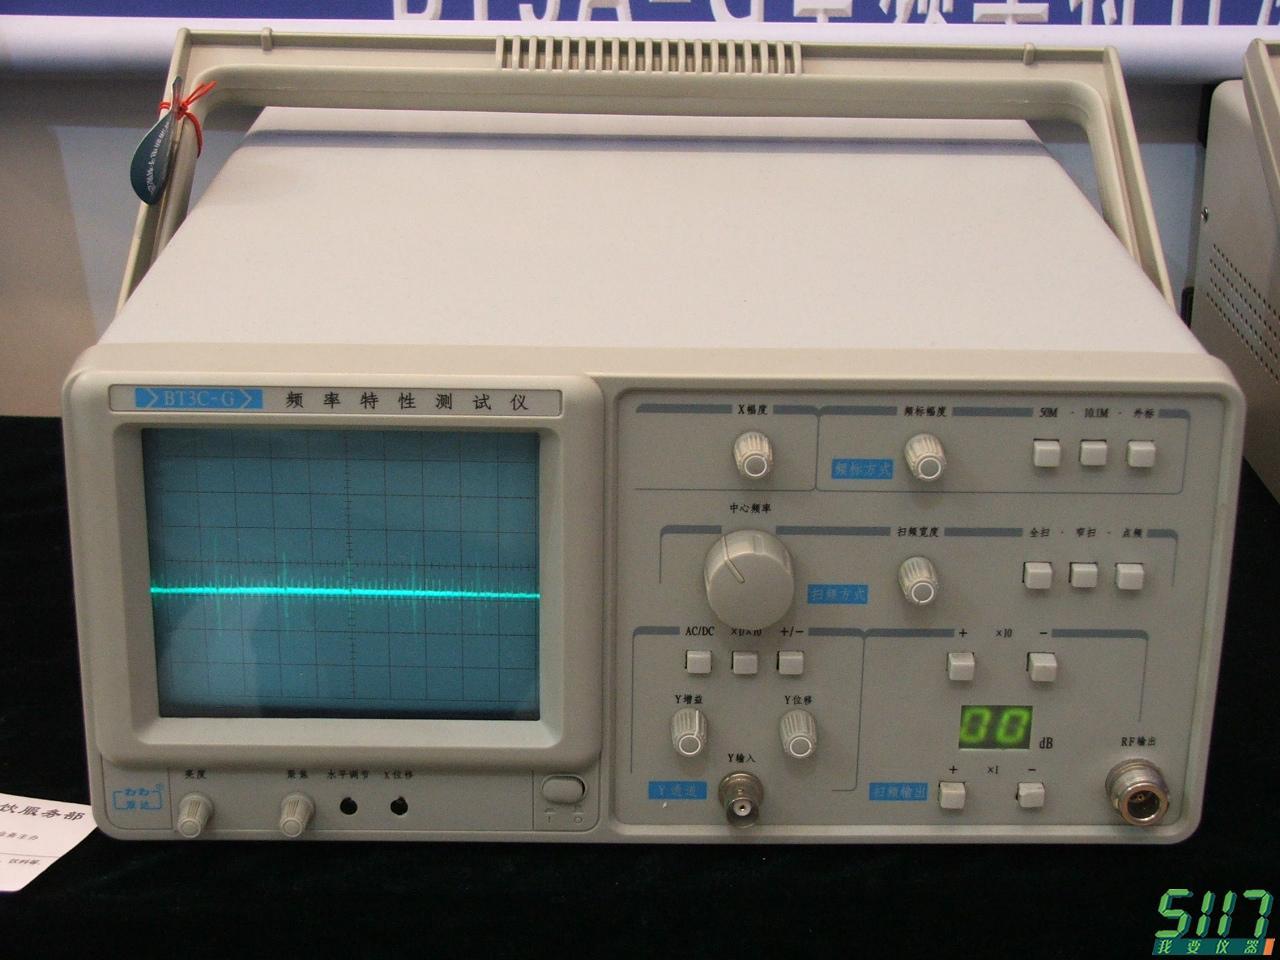 涌新电子展示的频率特性测试仪等产品